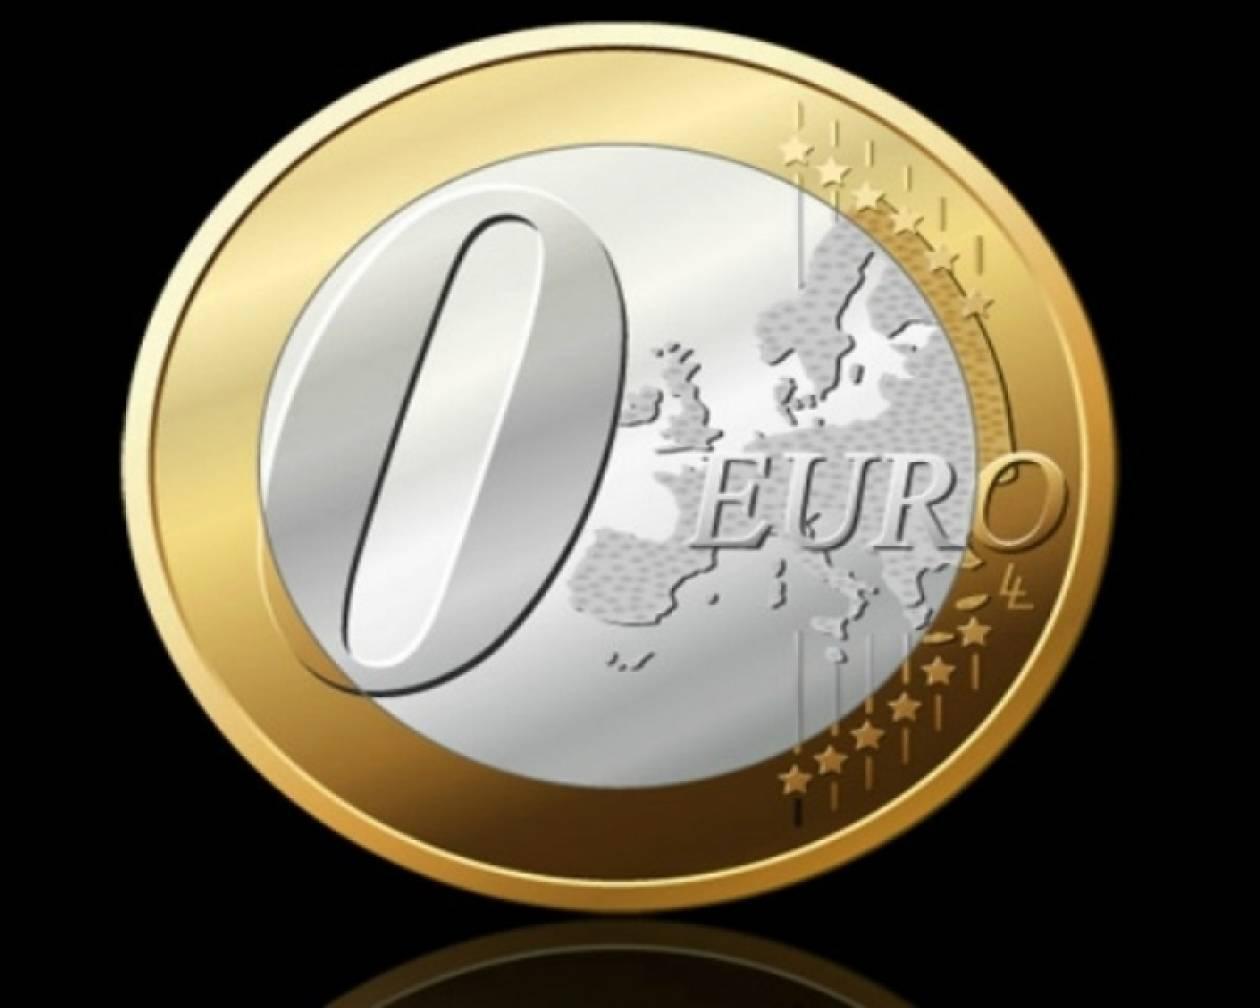 Σάλος με το «νέο νόμισμα» της Ελλάδας στο Twitter